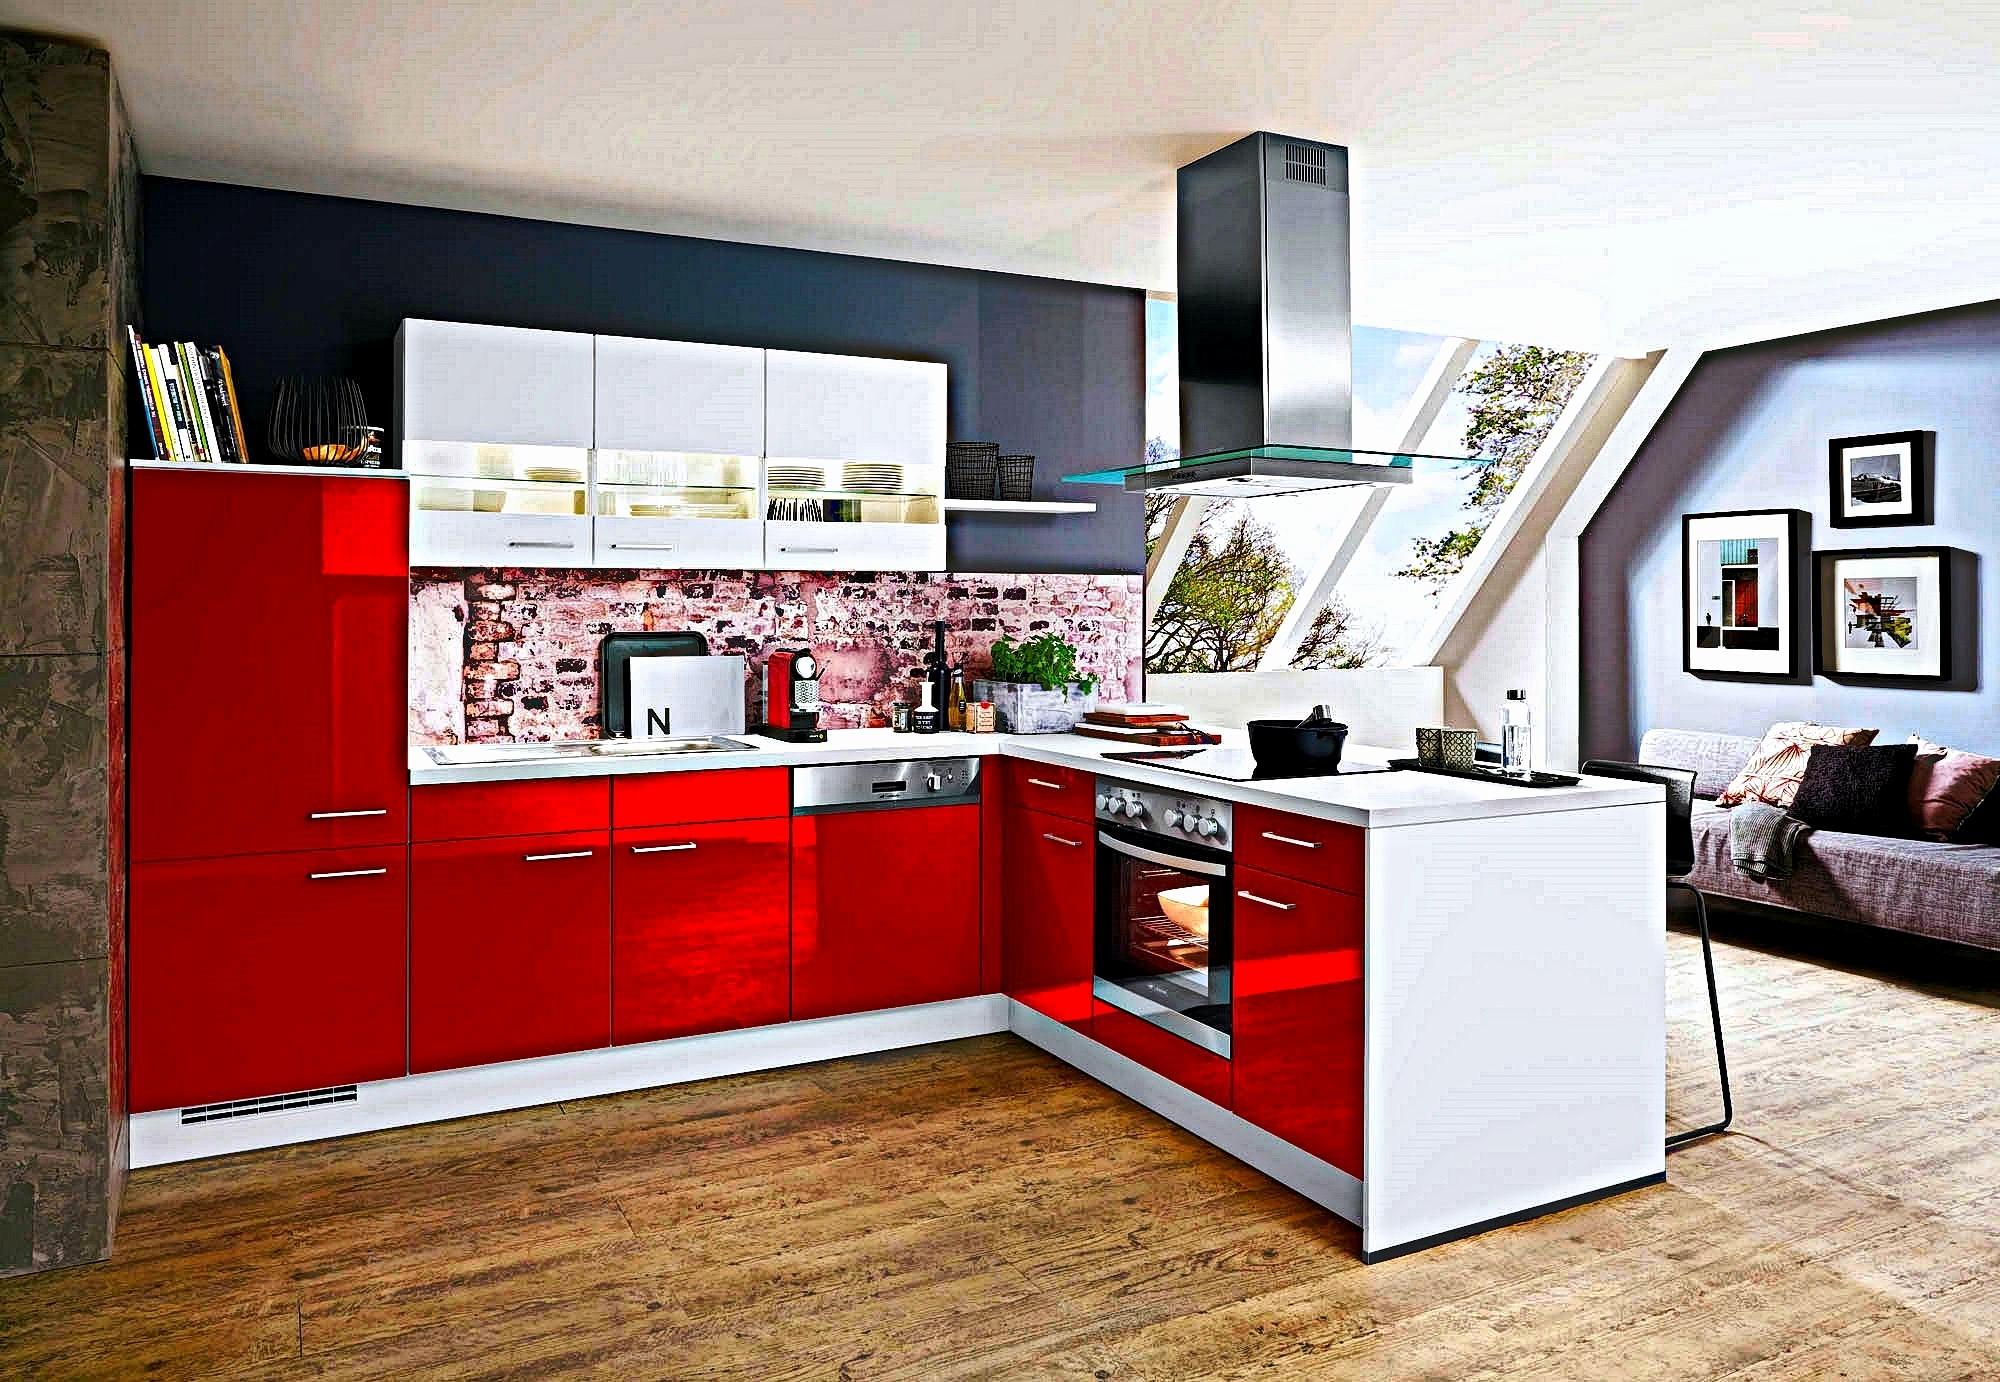 Full Size of Ikea Kücheninsel Bilder Kche Faktum Valdolla Betten 160x200 Küche Kosten Sofa Mit Schlaffunktion Bei Modulküche Kaufen Miniküche Wohnzimmer Ikea Kücheninsel